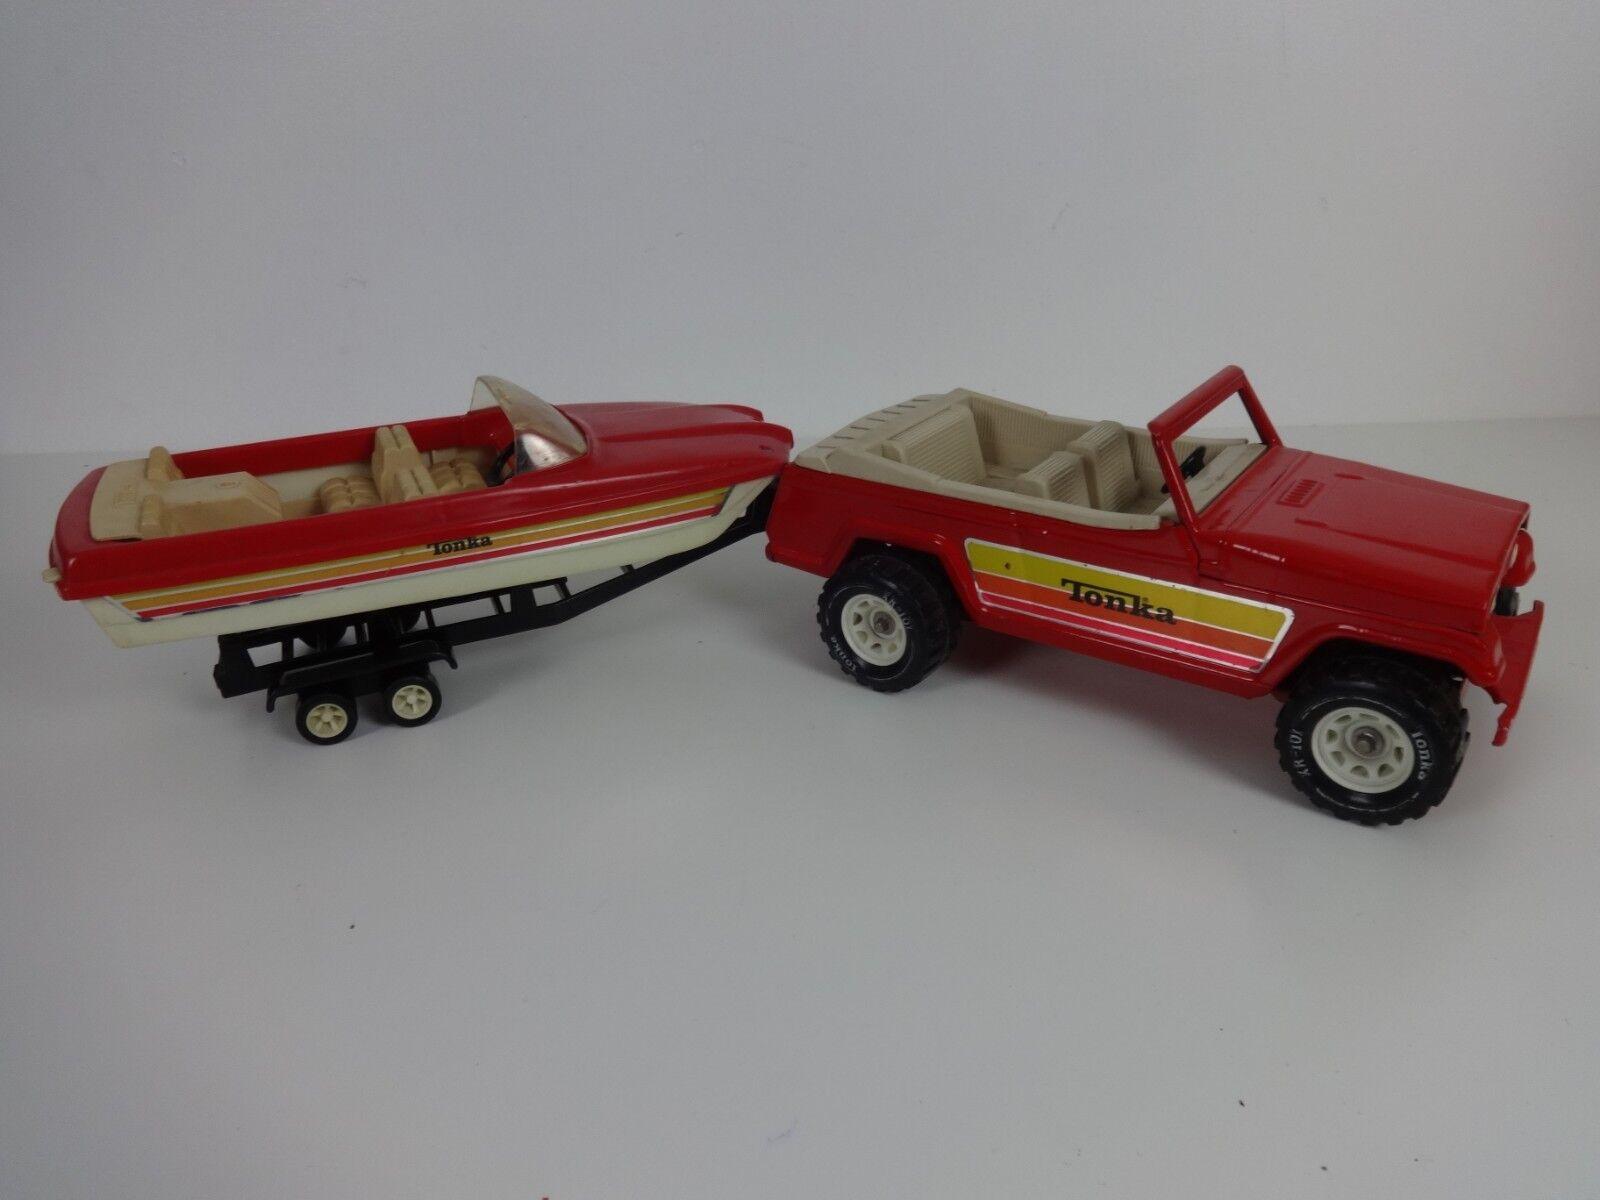 envío gratis Vintage Tonka De De De Juguete Diecast Metal Jeepster 53122 Rojo + barco de velocidad & Remolque 1970  alta calidad